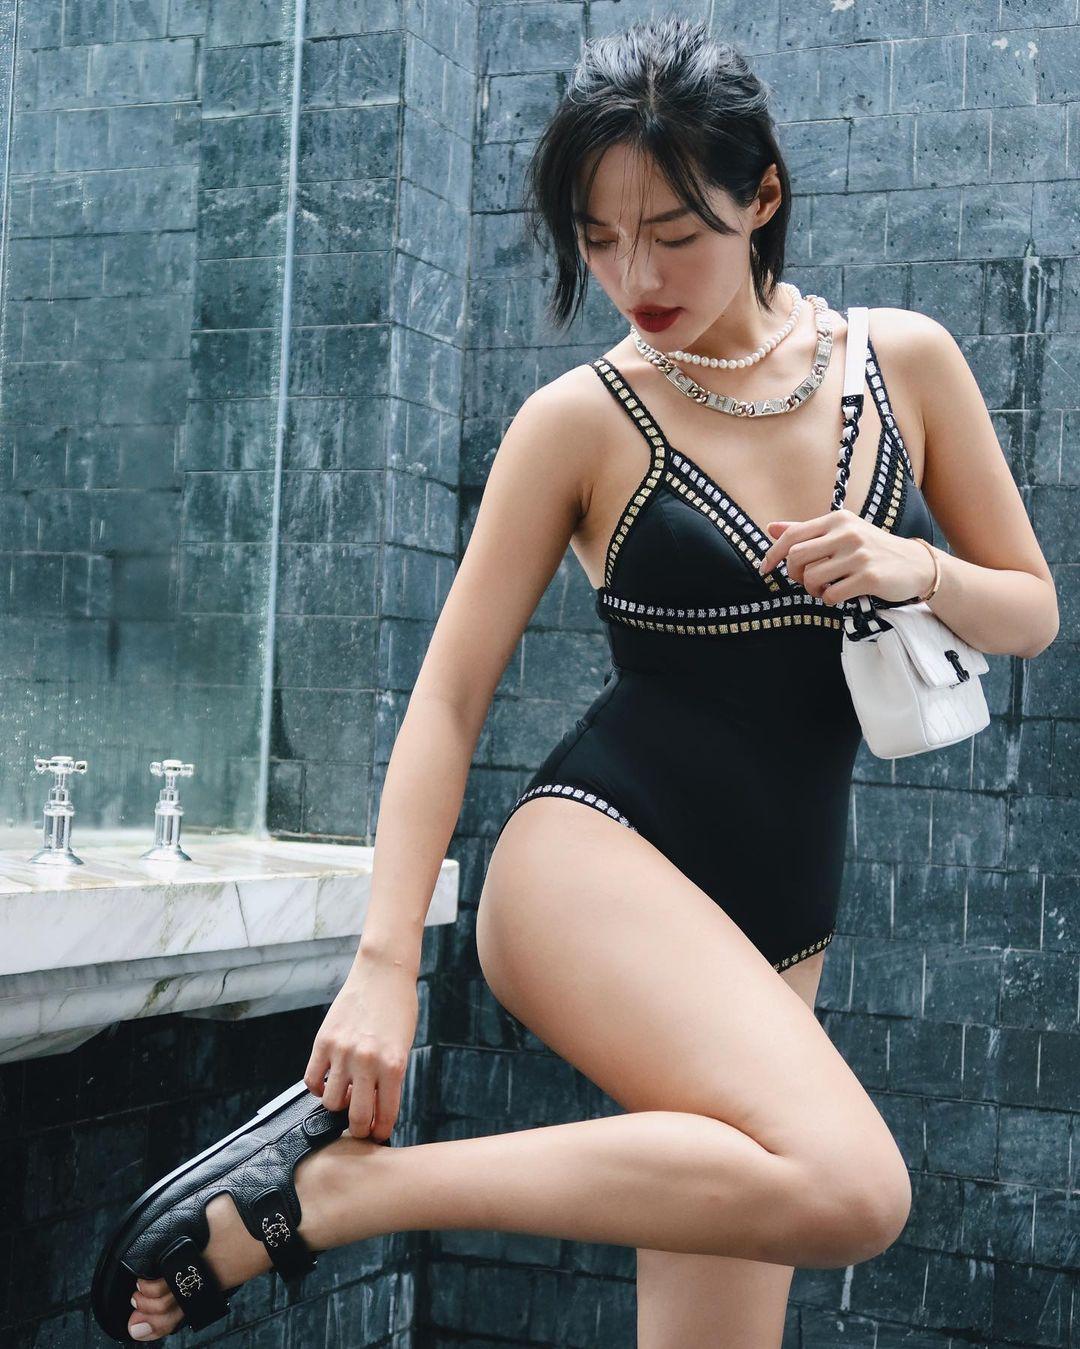 Instagram look của sao Việt tuần qua: Ngọc Trinh, Khánh Linh mix đồ bơi với giày chất chơi, riêng Lan Ngọc kín bưng dạo phố - Ảnh 2.